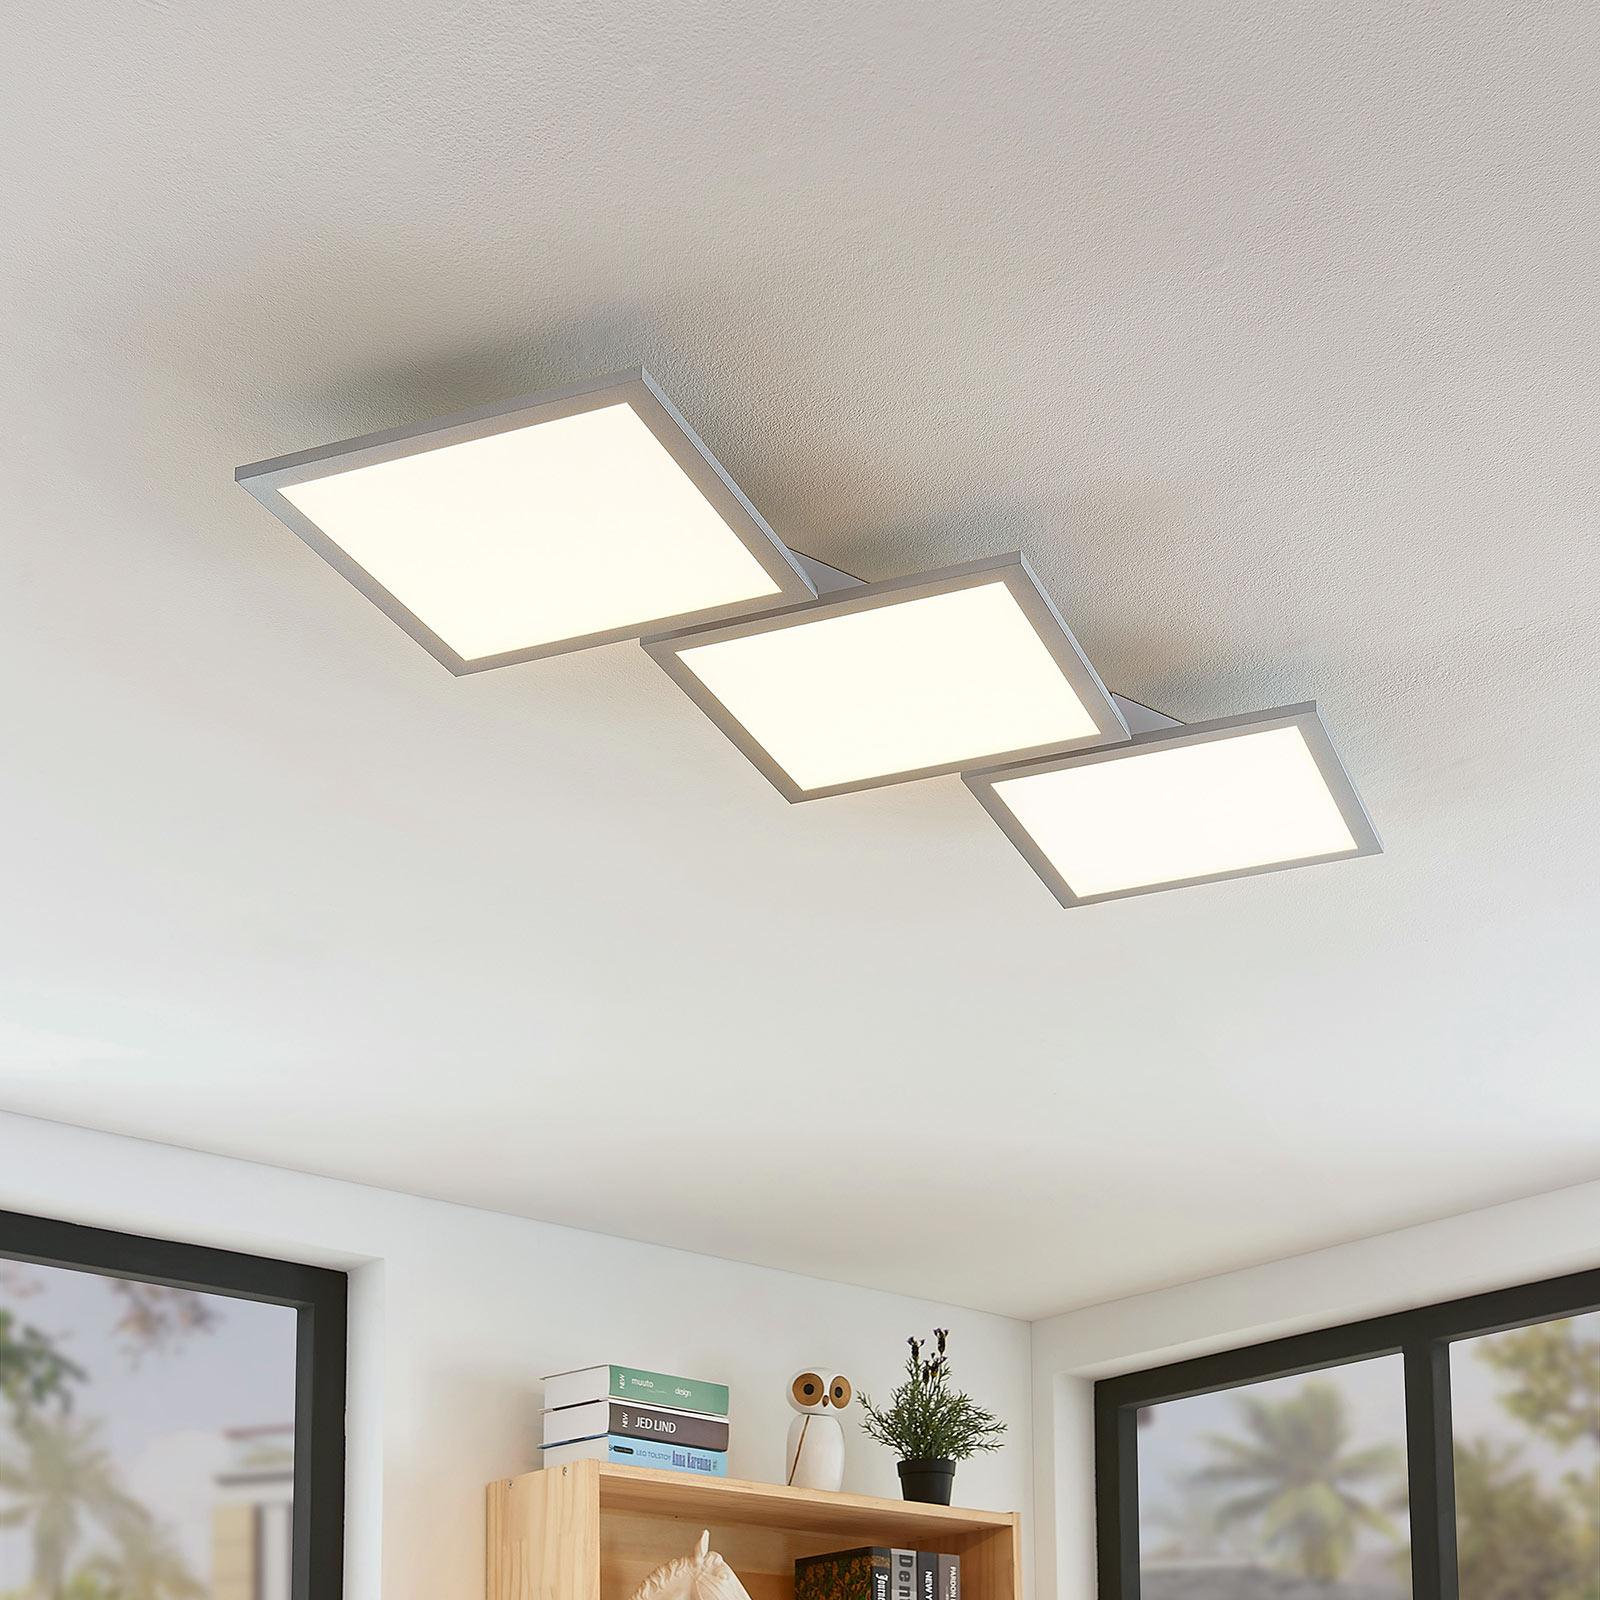 Plafoniera LED Ilira, dimmerabile, CCT, 3 luci